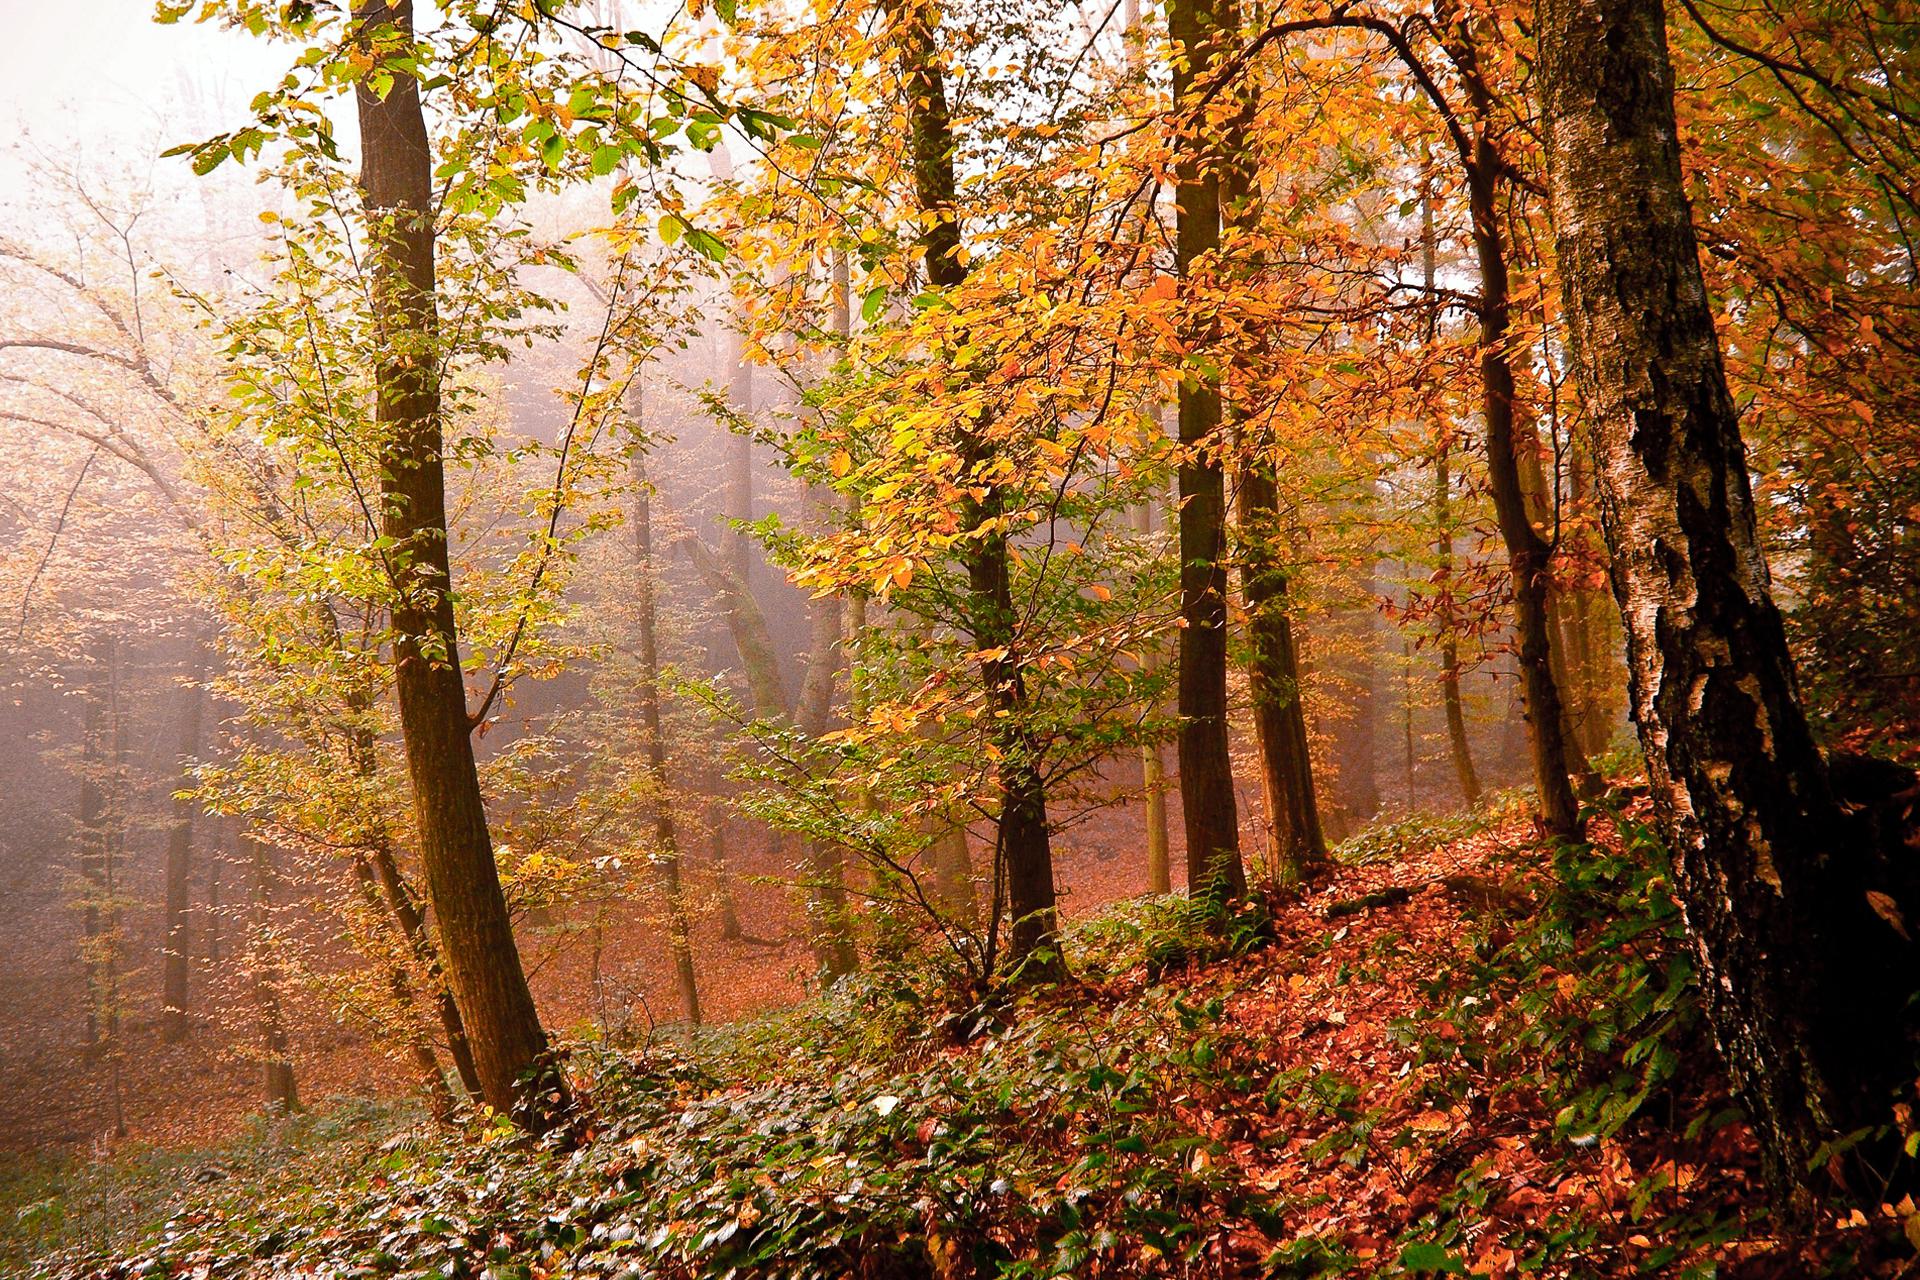 красивые картинки леса осеннего объявление такое